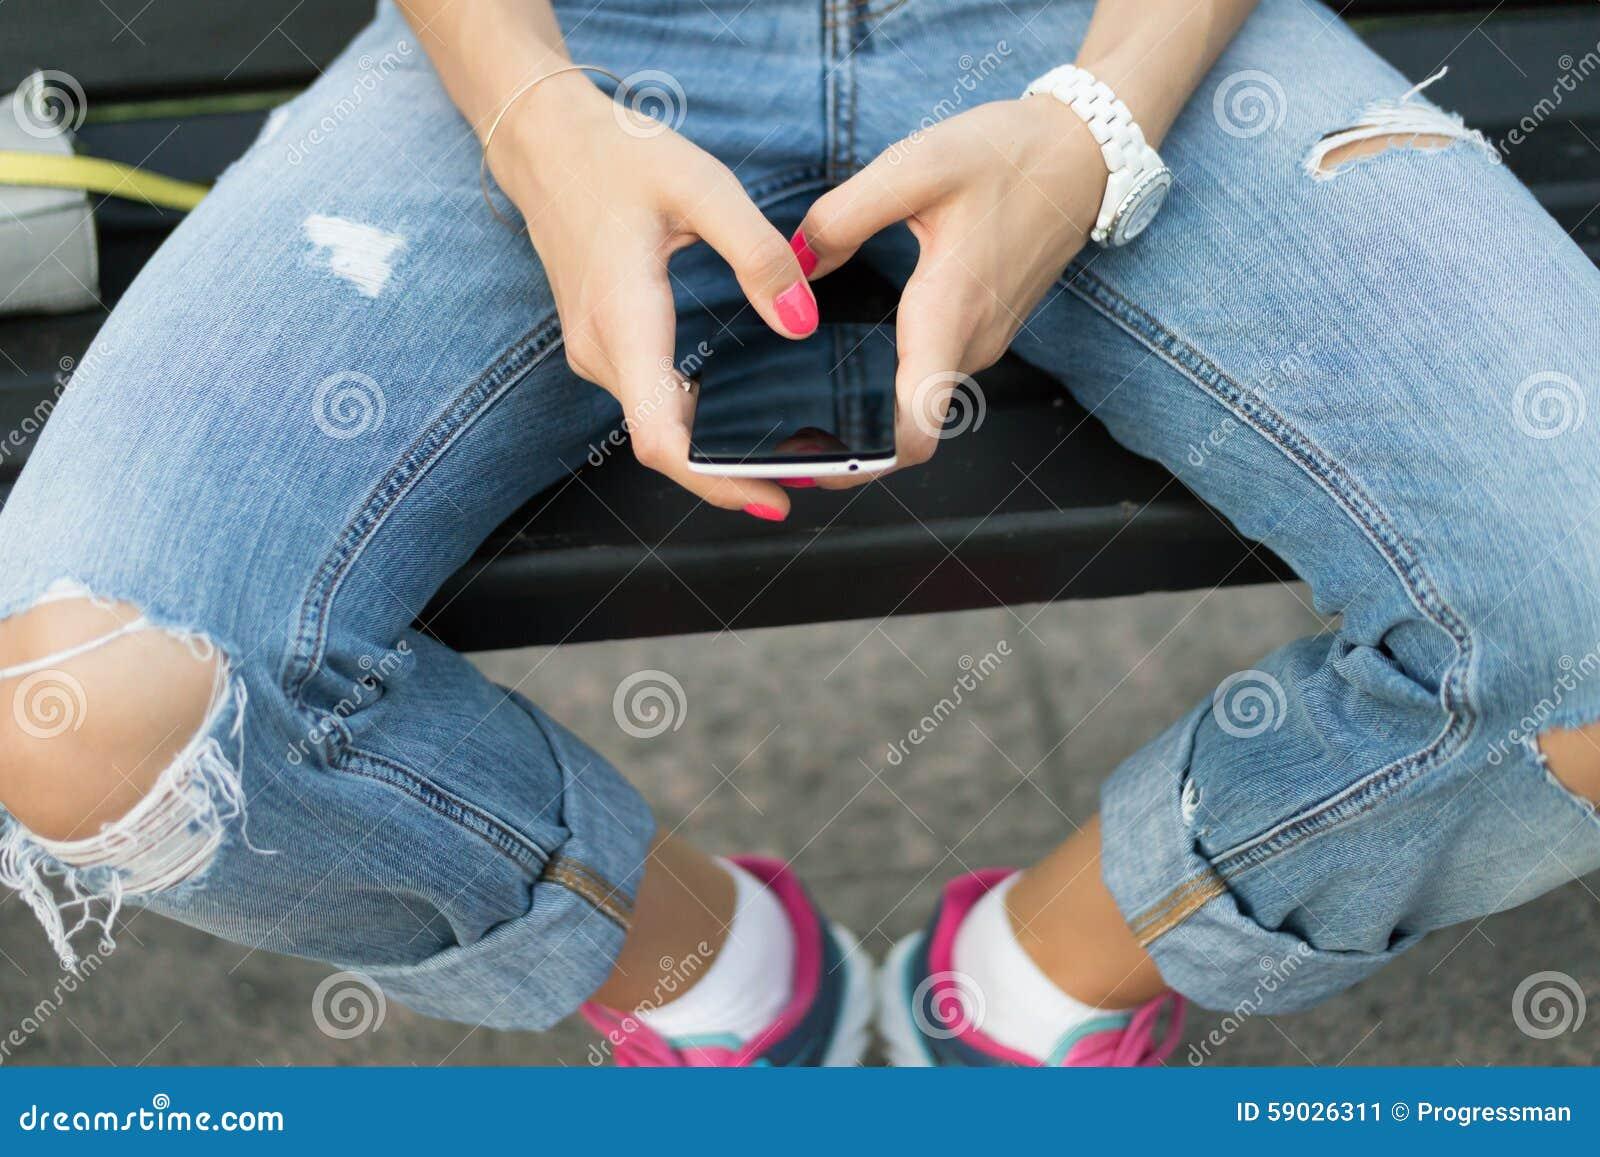 zhenskie-nogi-na-mobilnik-moldavskiy-seks